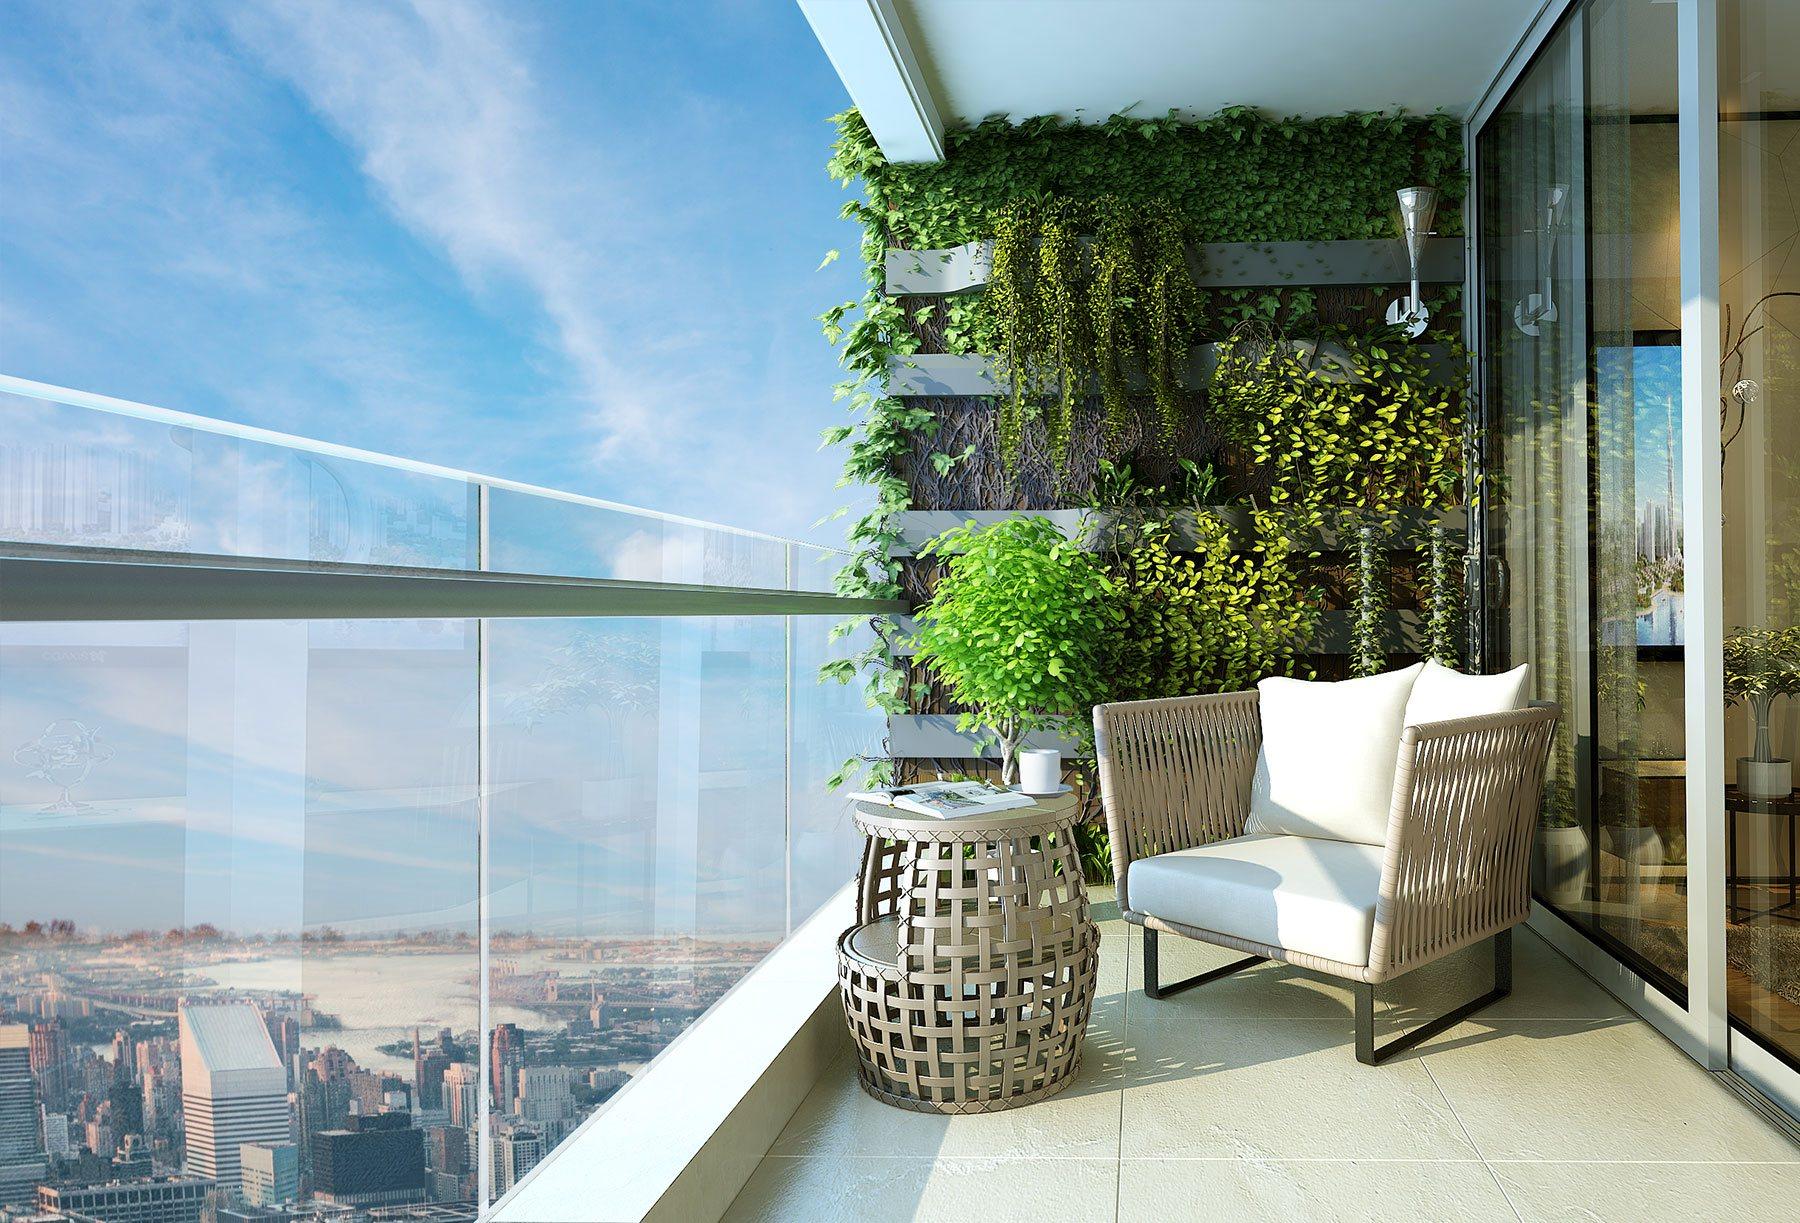 Tư vấn thiết kế nội thất căn hộ chung cư theo dạng studio có diện tích 44m² để cho thuê với chi phí 42 triệu - Ảnh 12.